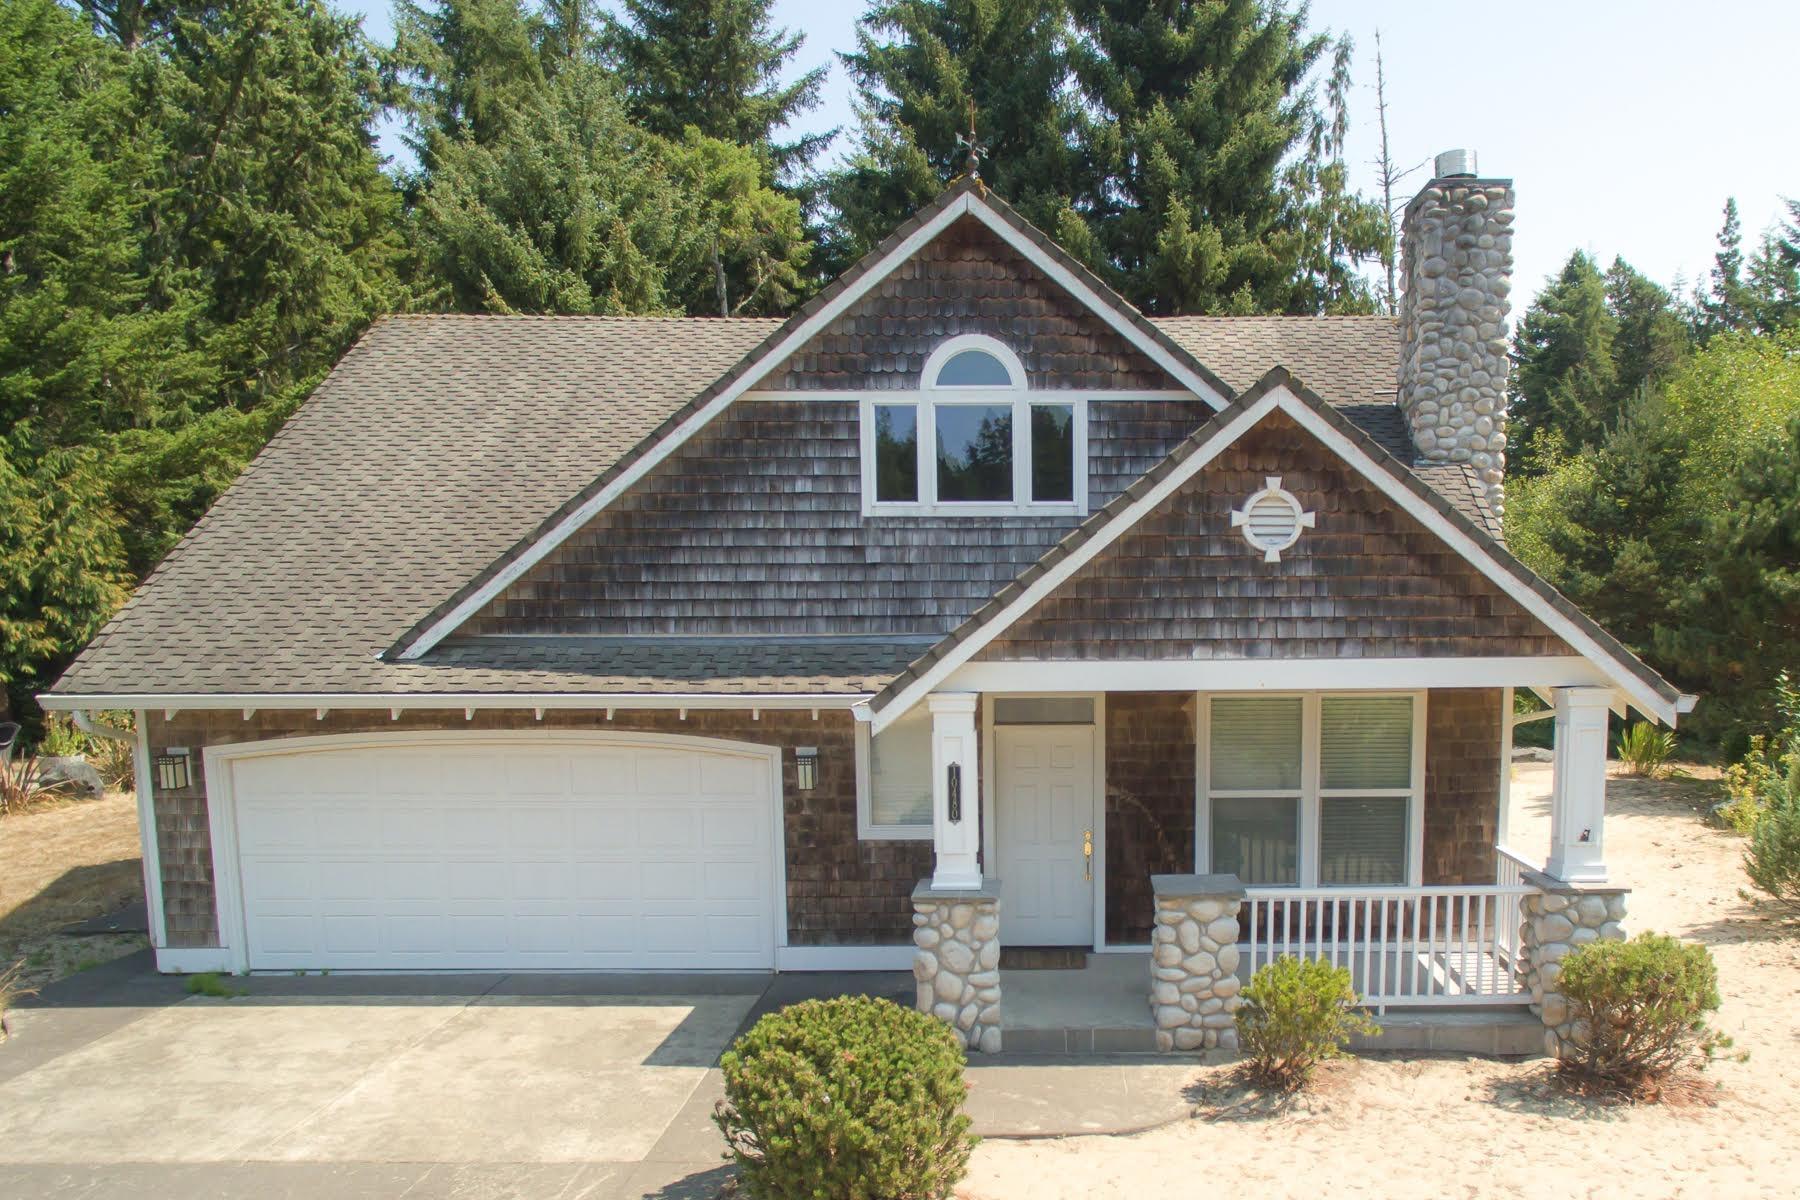 Nhà ở một gia đình vì Bán tại 10480 PINE RIDGE, MANZANITA 10480 PINE RIDGE Dr Manzanita, Oregon, 97130 Hoa Kỳ